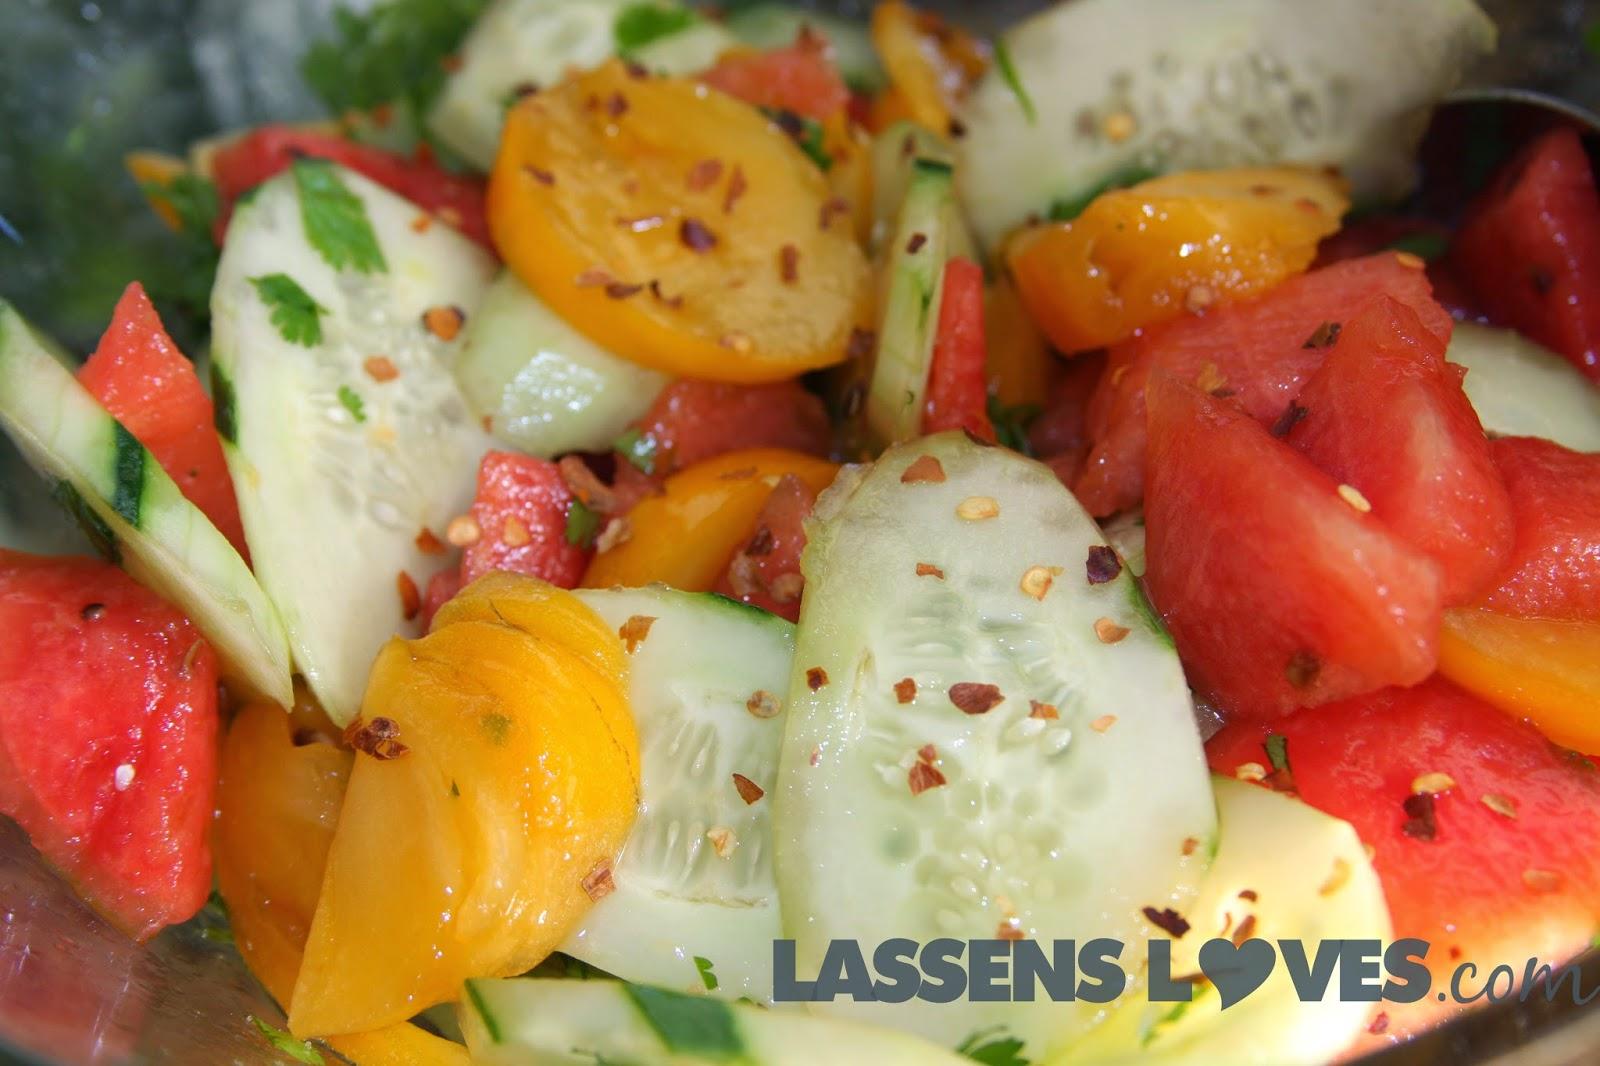 thai+salad, cucumber+salad, organic+salad, salad+recipes, light+salads, healthy+salads, healthy+recipes